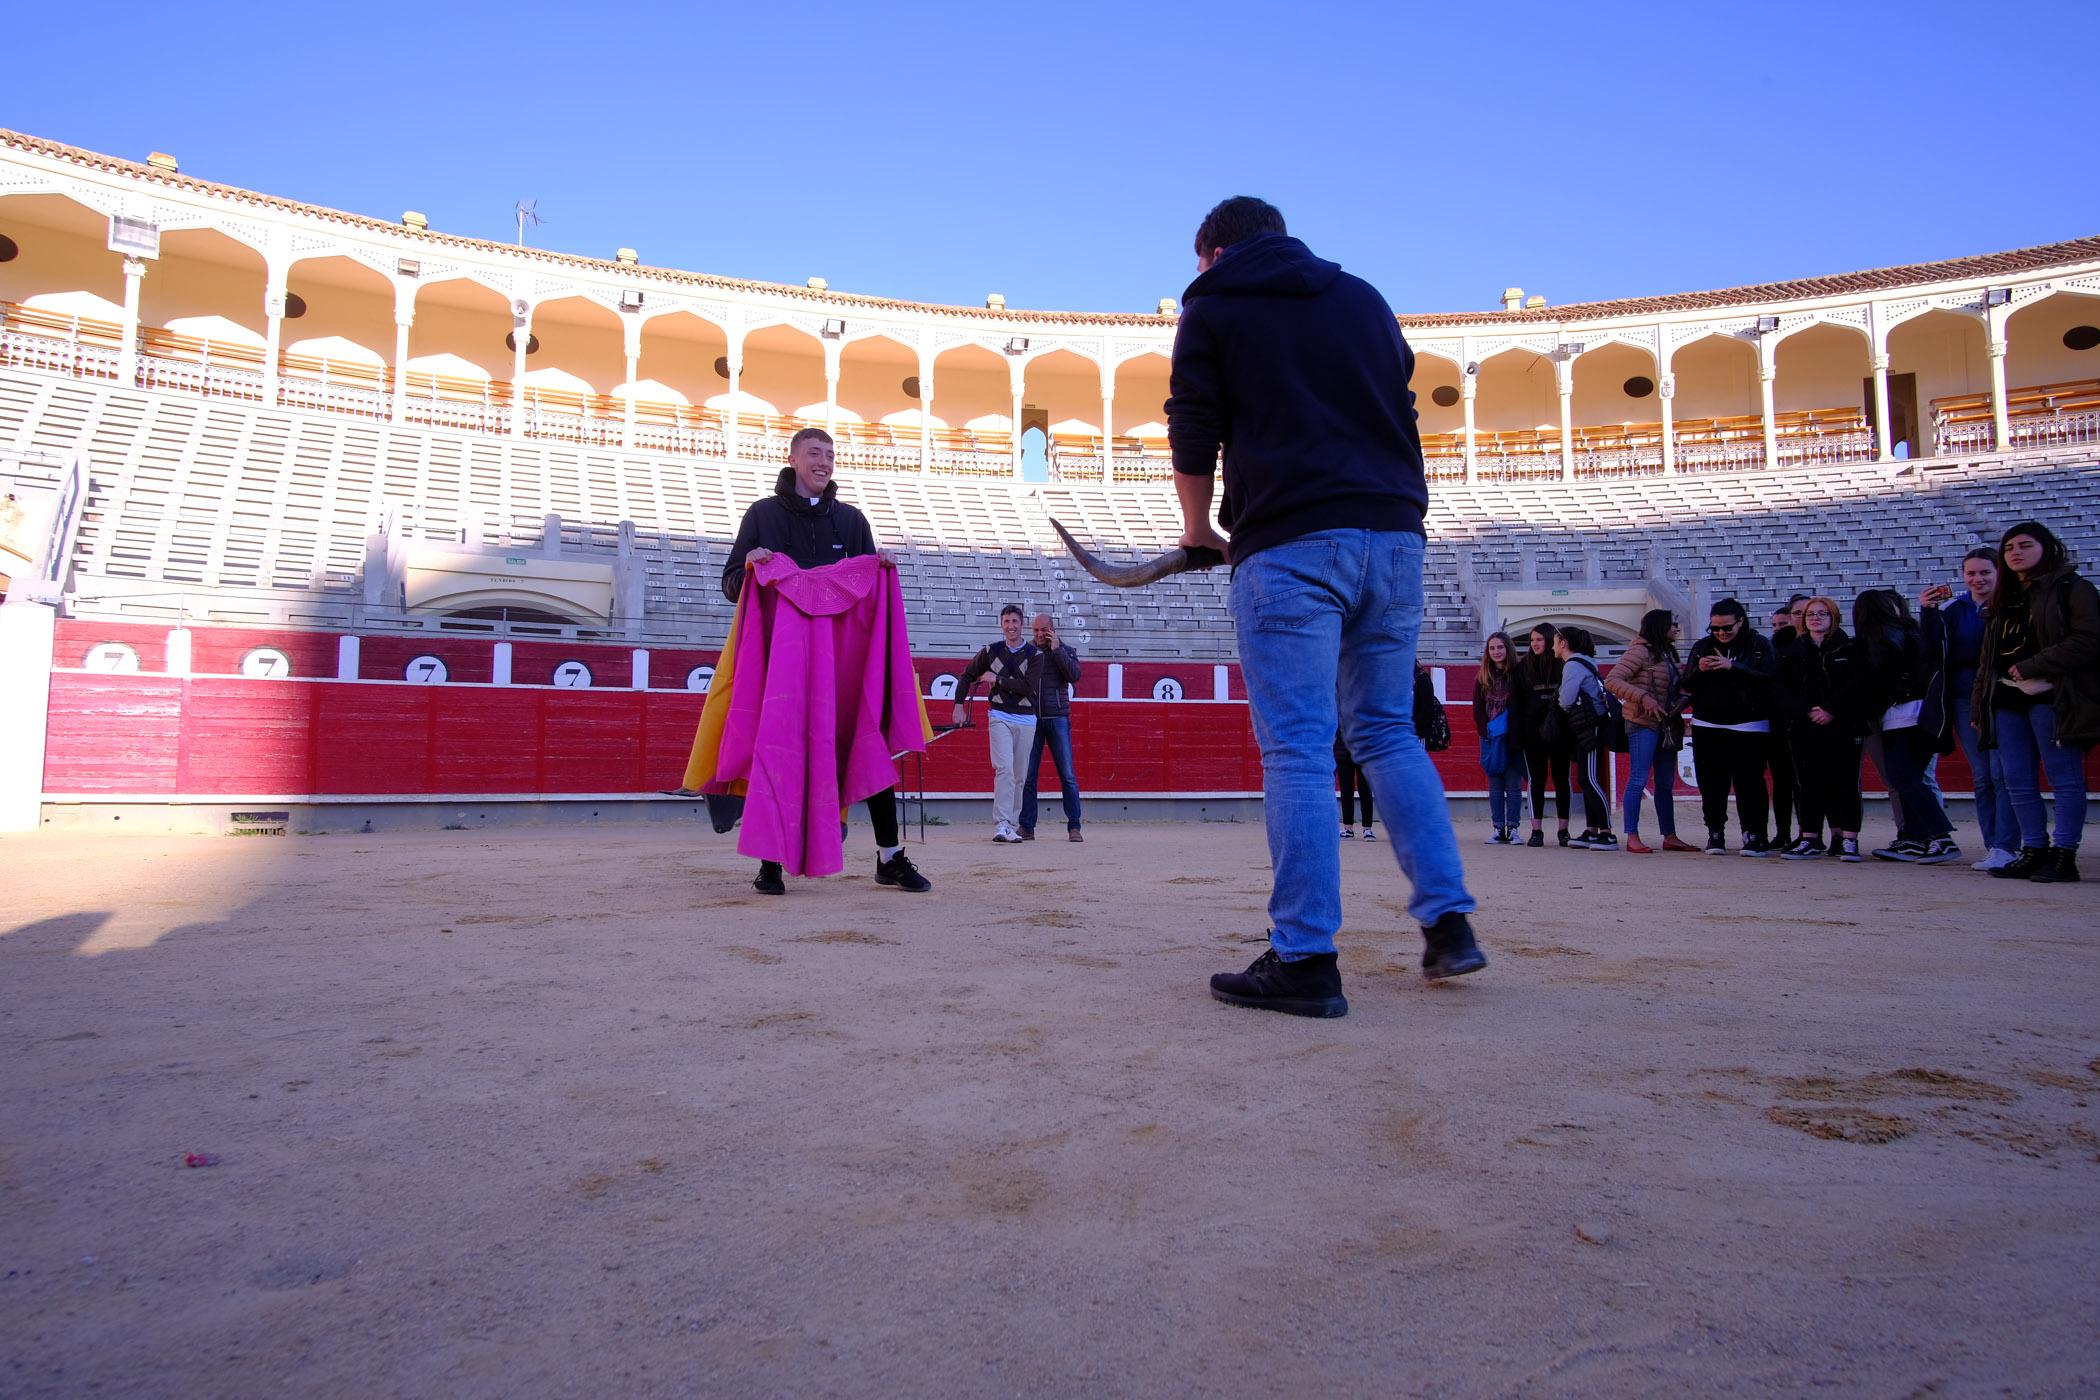 ¡Viva el intercambio! – Pforzheim in Albacete